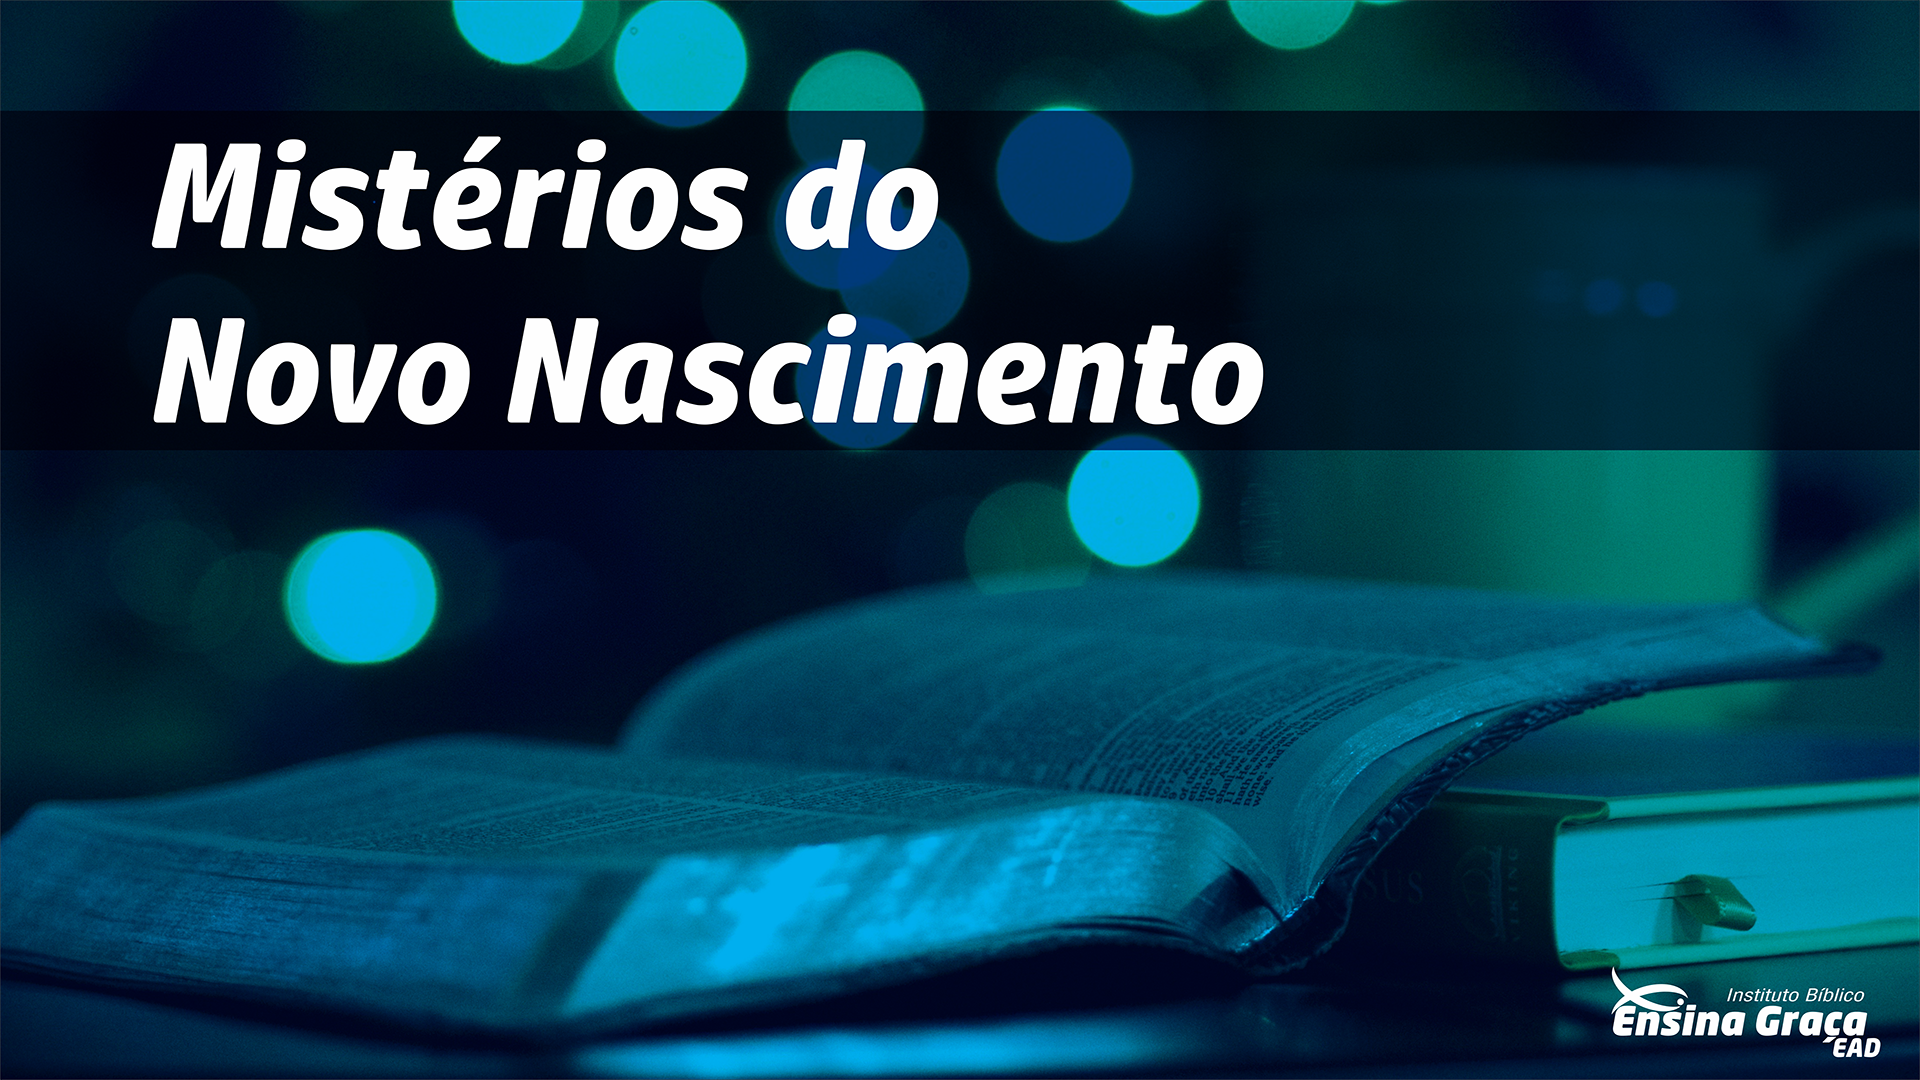 MISTERIOS DO NOVO NASCIMENTO TELA.png